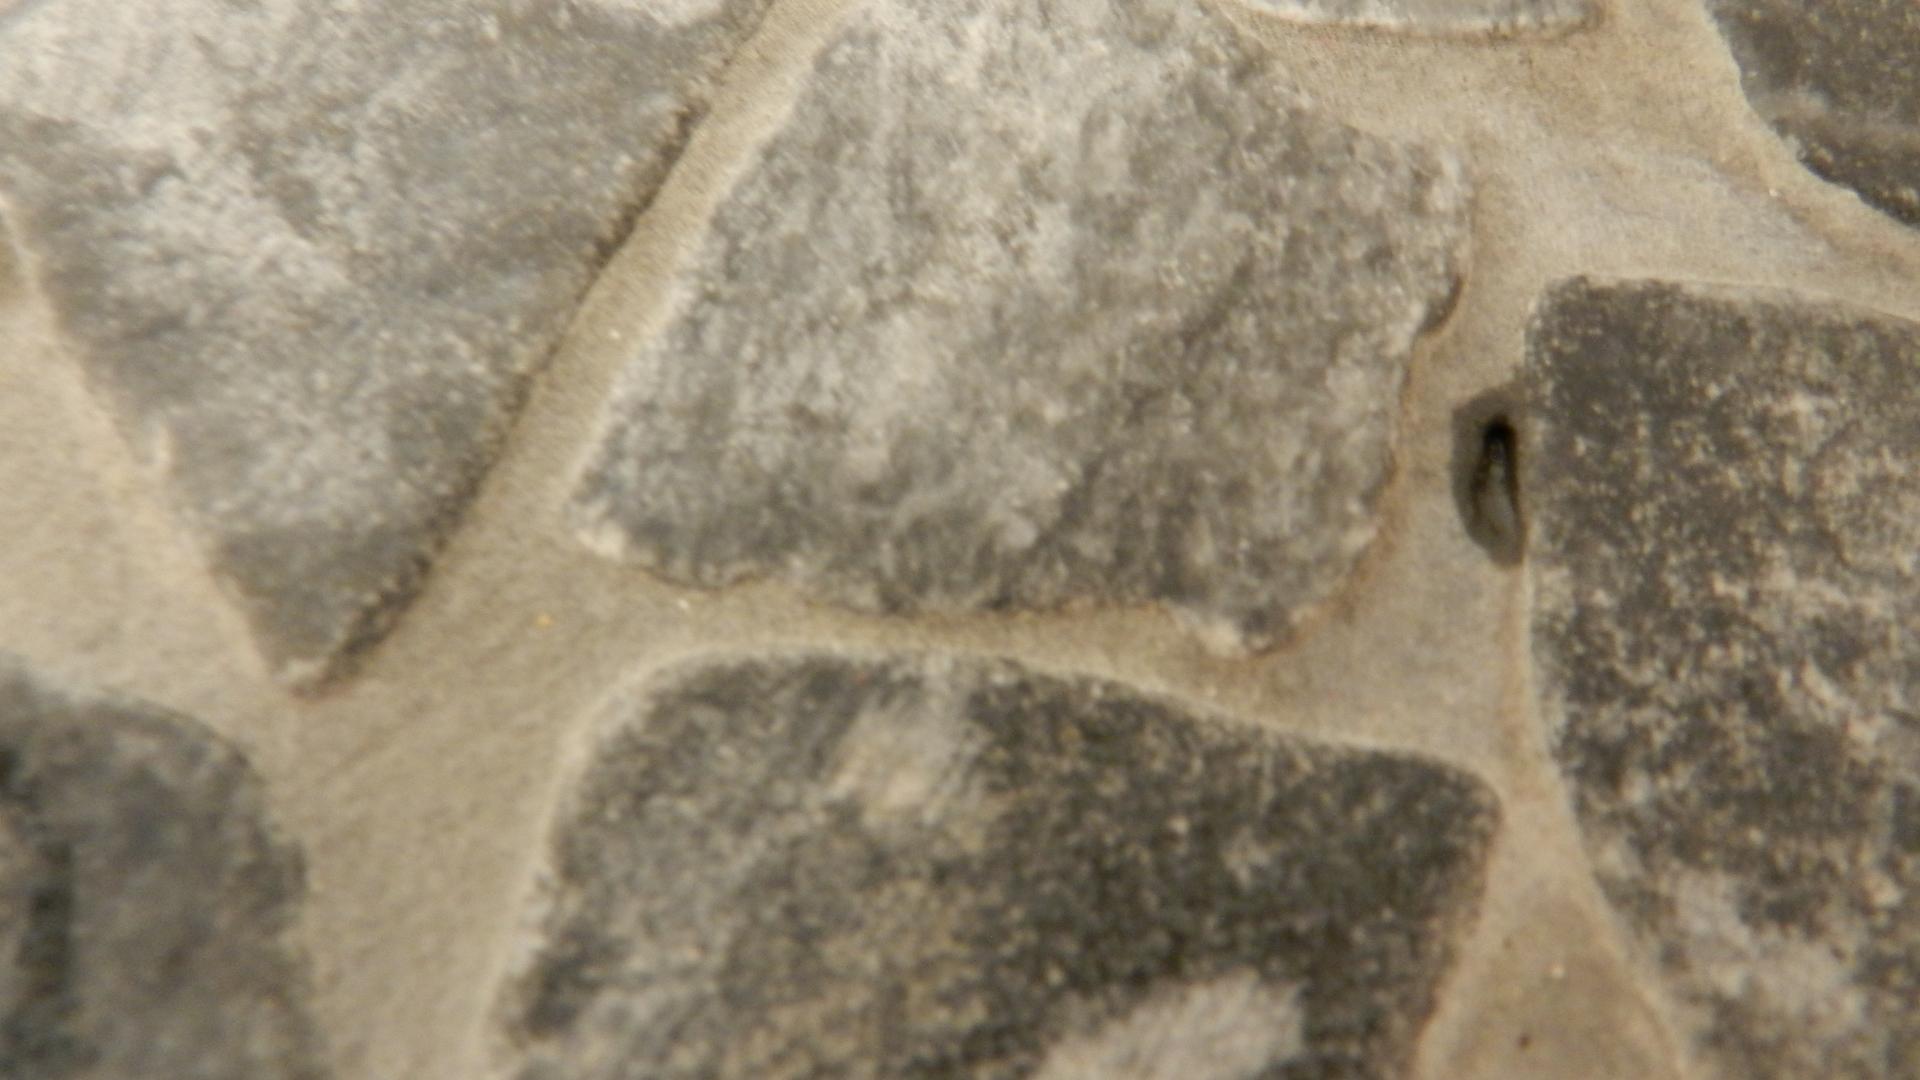 Marmorbruch Mosaik In Der Dusche Mit Gereinigt Reparatur Bauen Reinigung.  Stein Mosaik Dusche Mit Mosaik Bordre ...